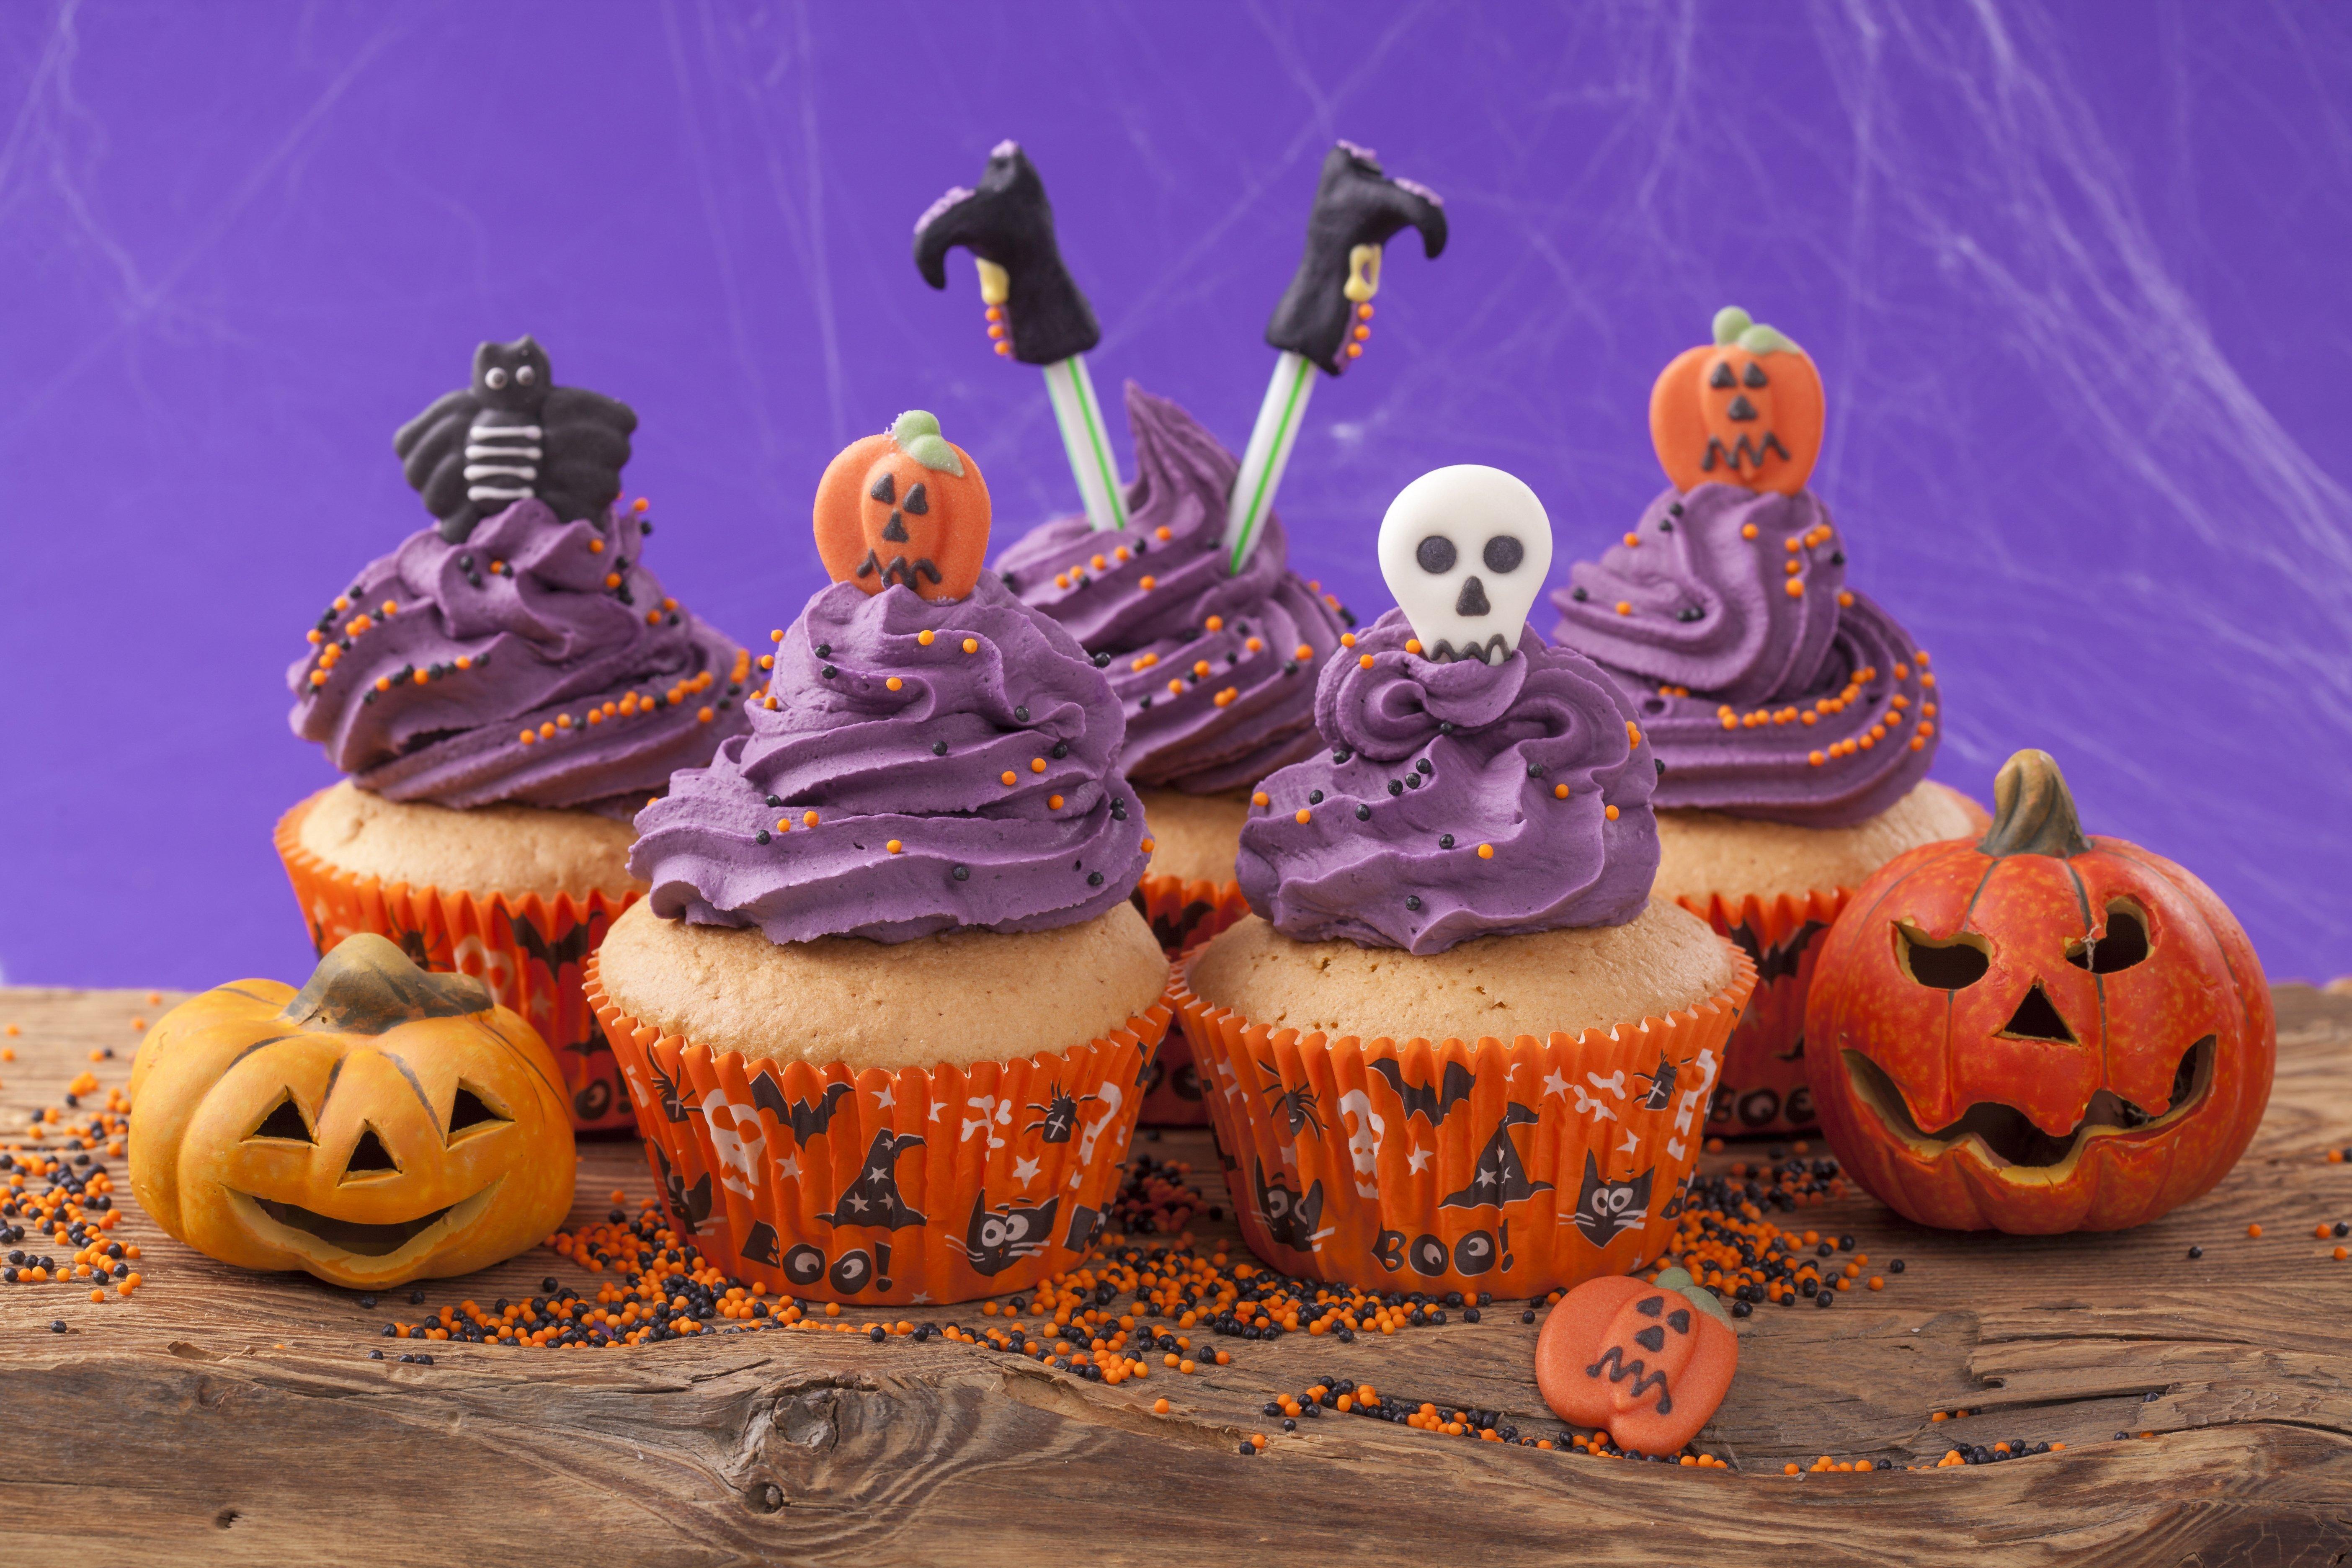 Halloween cupcake picker halloween party tipps und dekoration von - Halloween muffins deko ...